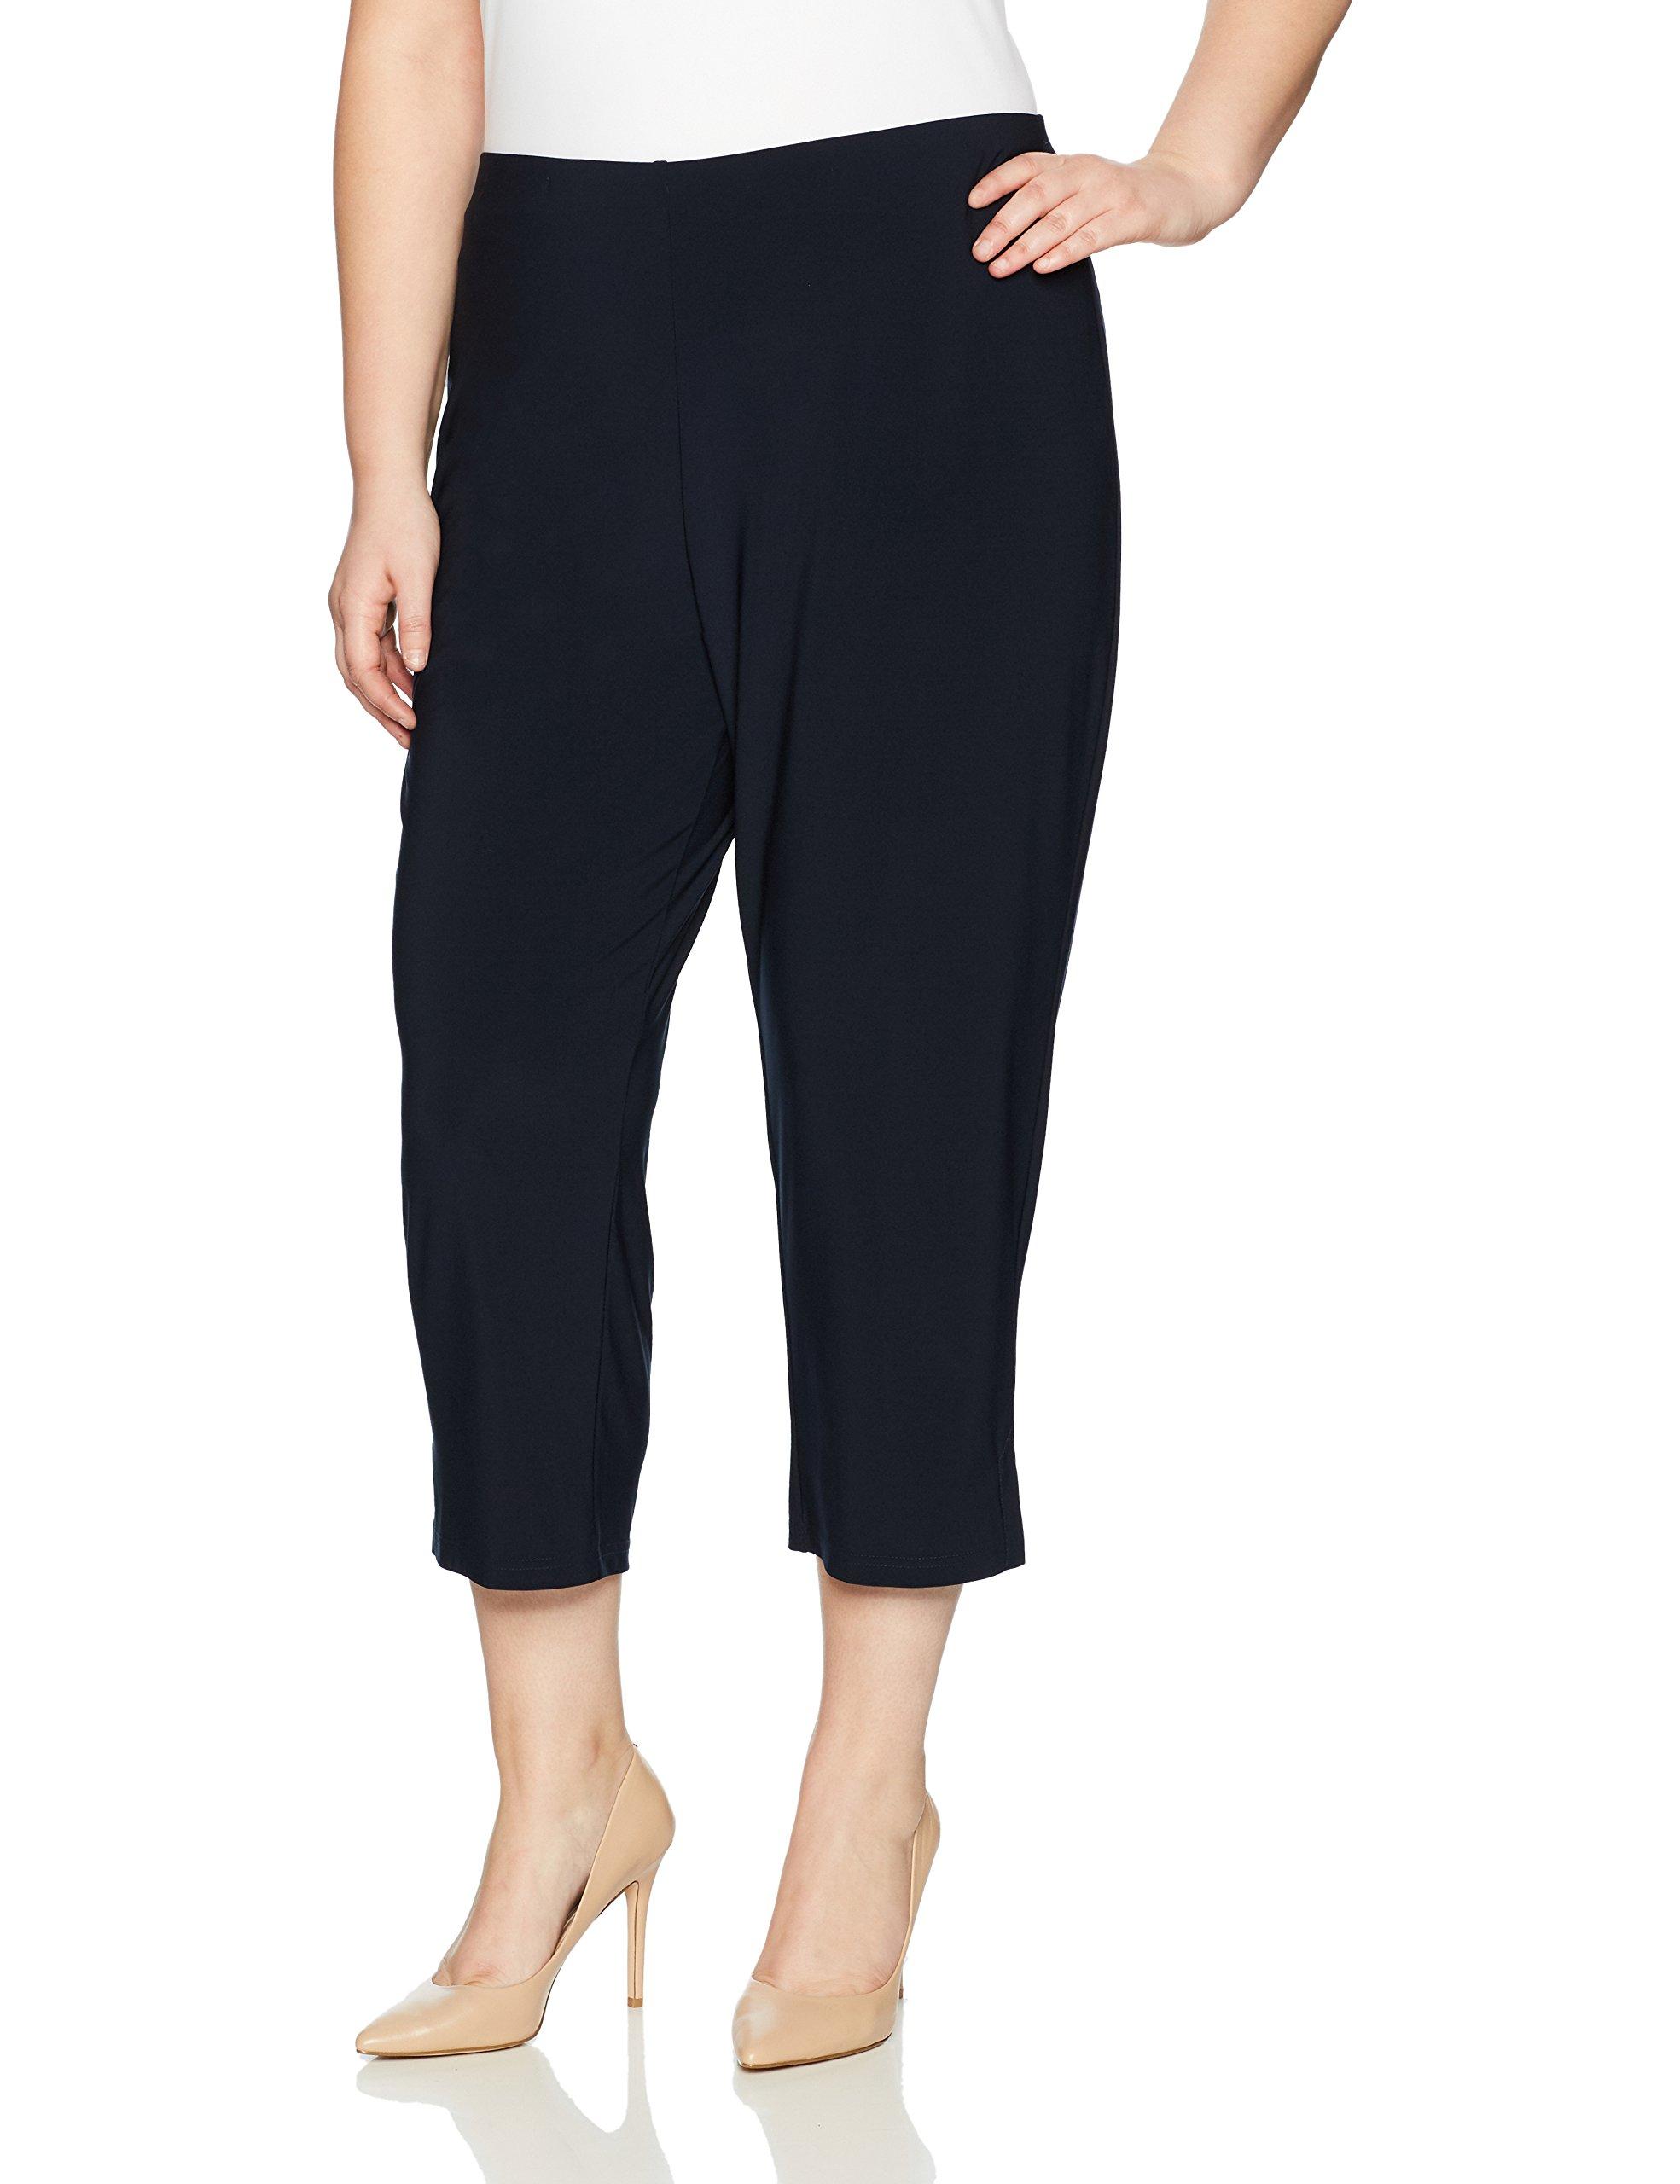 Sympli Women's Plus-Size Narrow Pant, Ankle Length, Navy, 1X